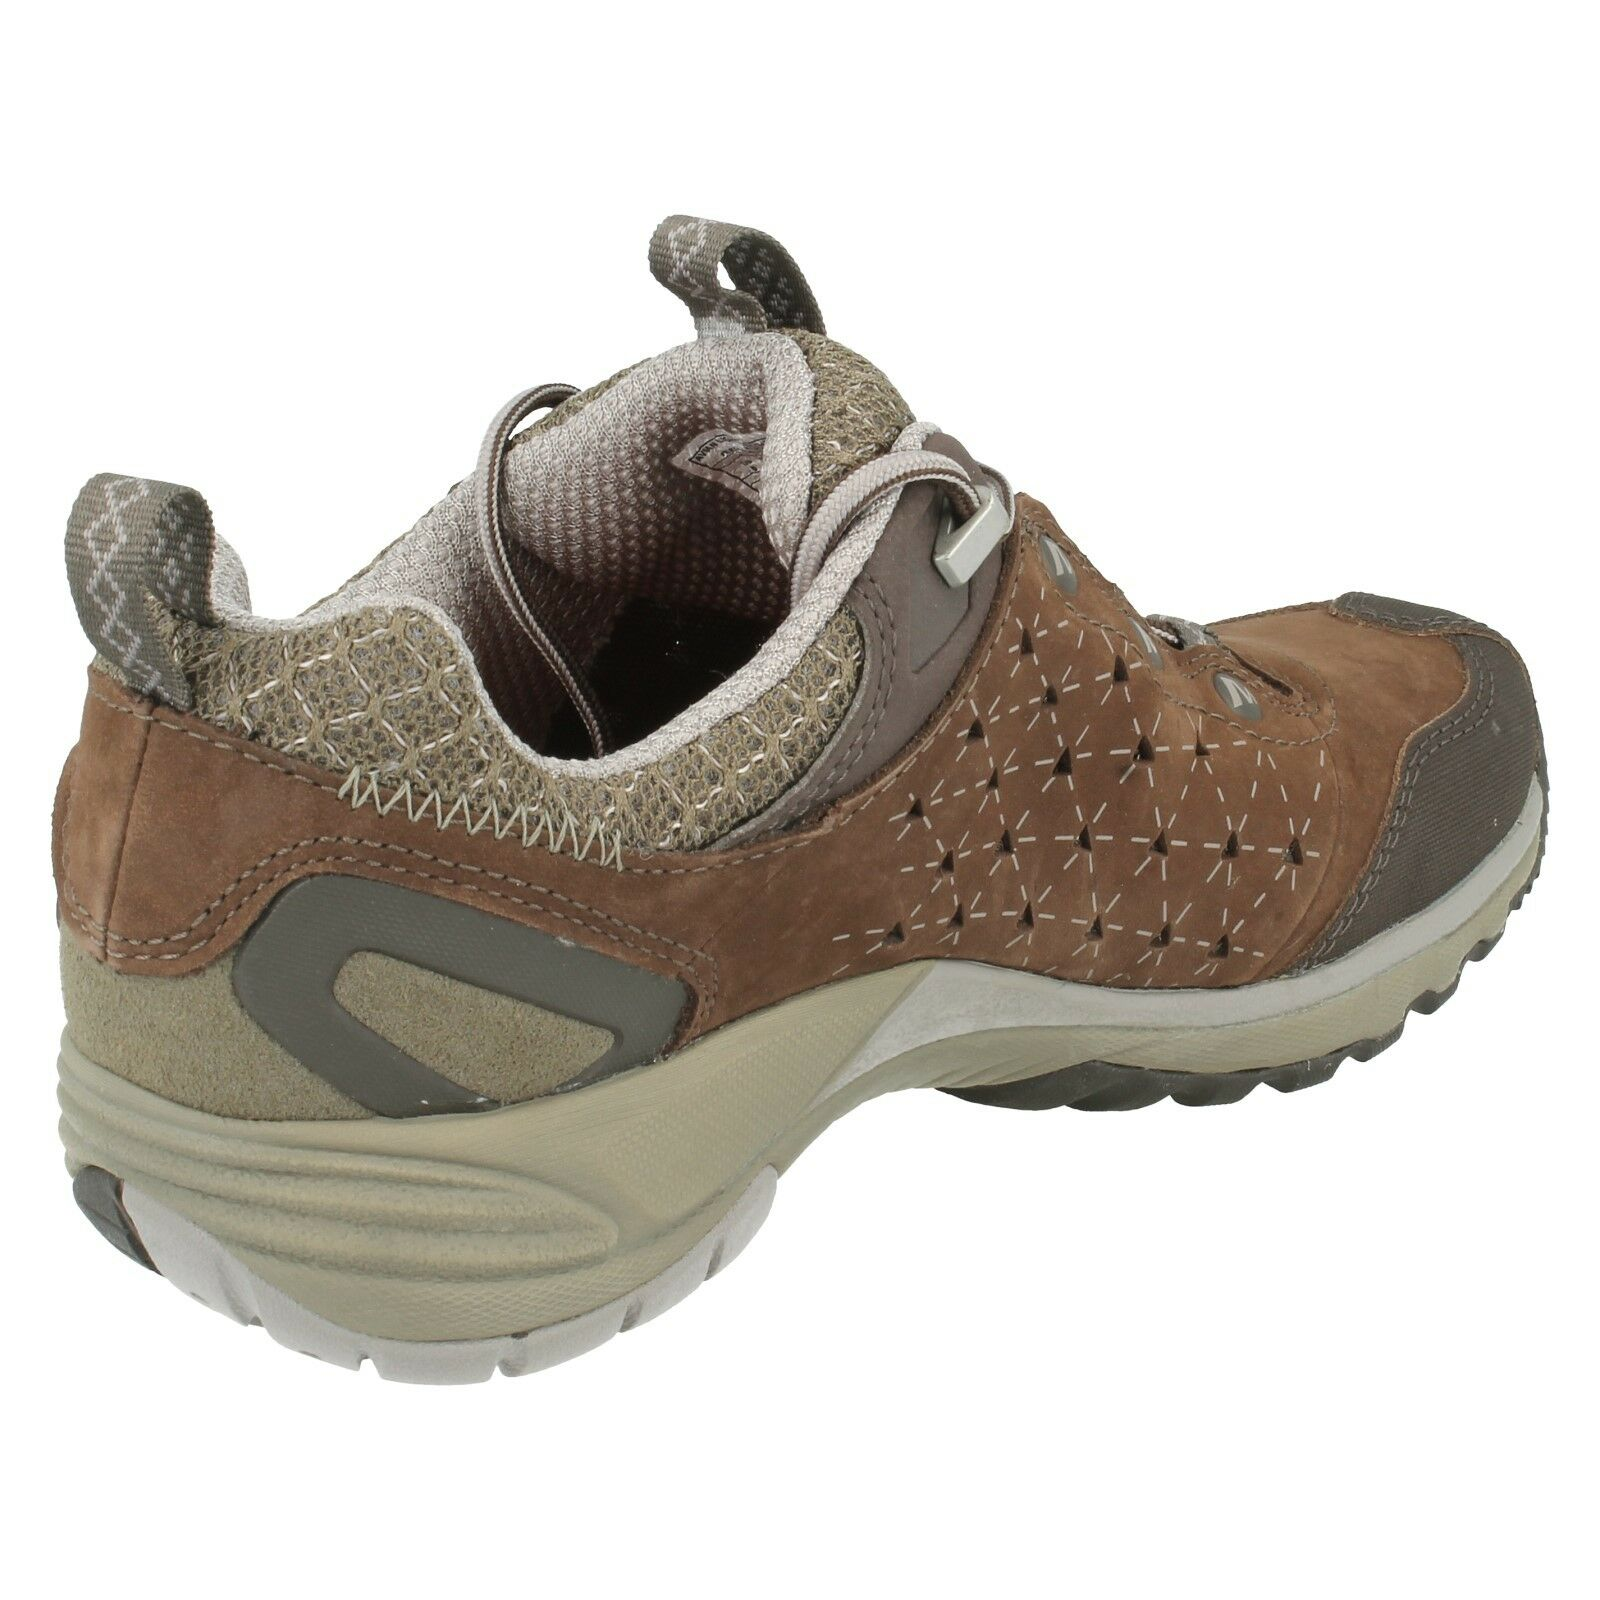 J16708/700 Leder Merrell Damen Avian hell Leder J16708/700 Wanderschuhe Schuhe d2121b